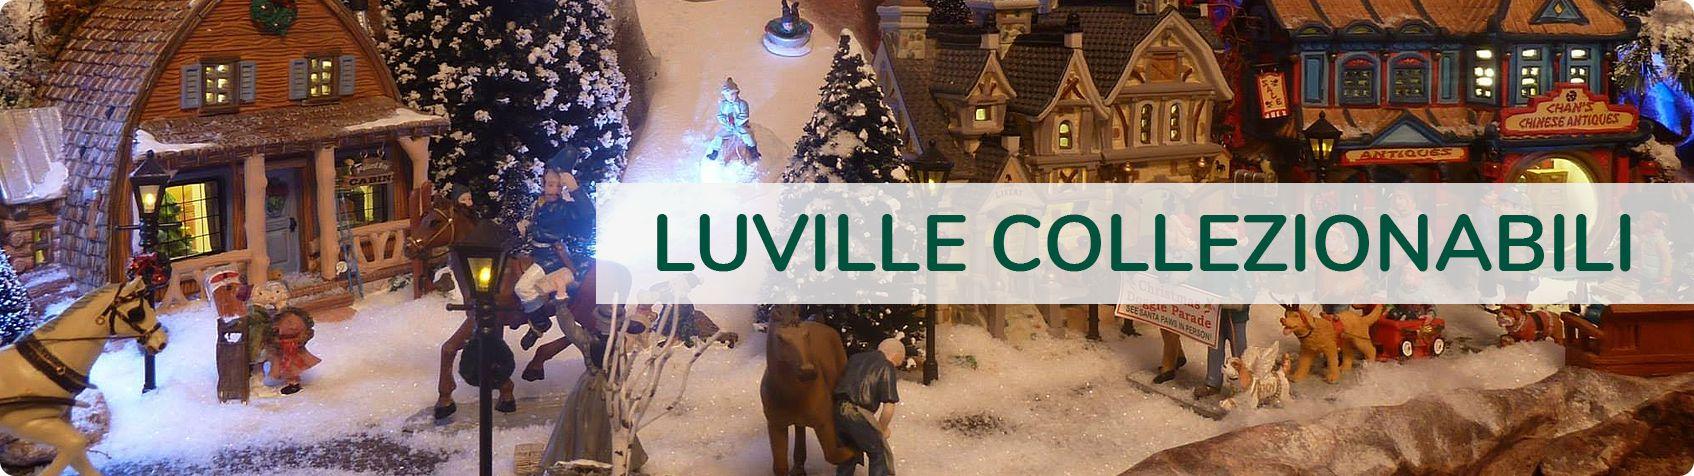 Luville Collezionabili